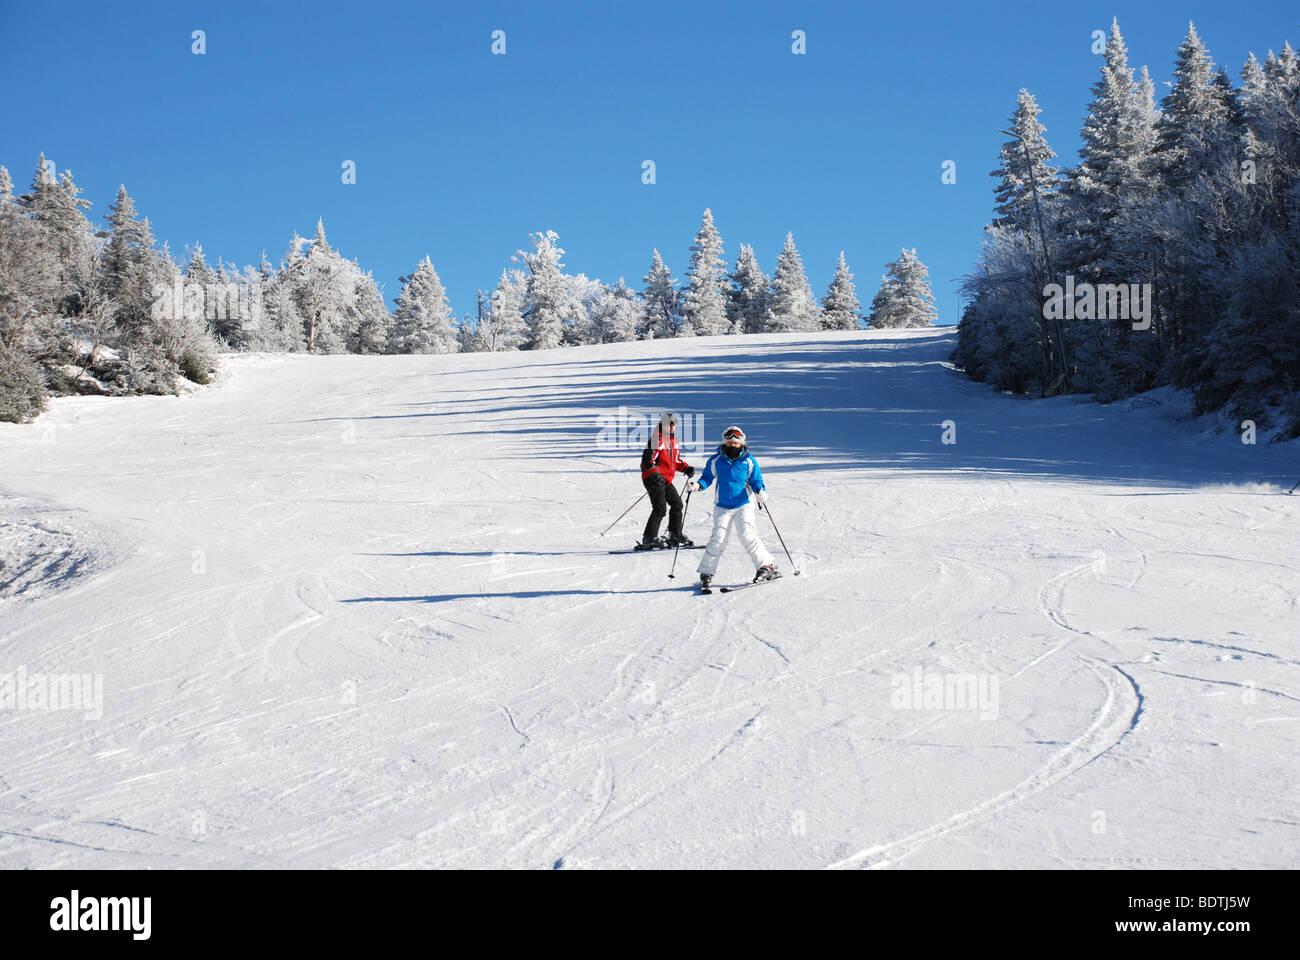 Beginners skiing downhill - Stock Image